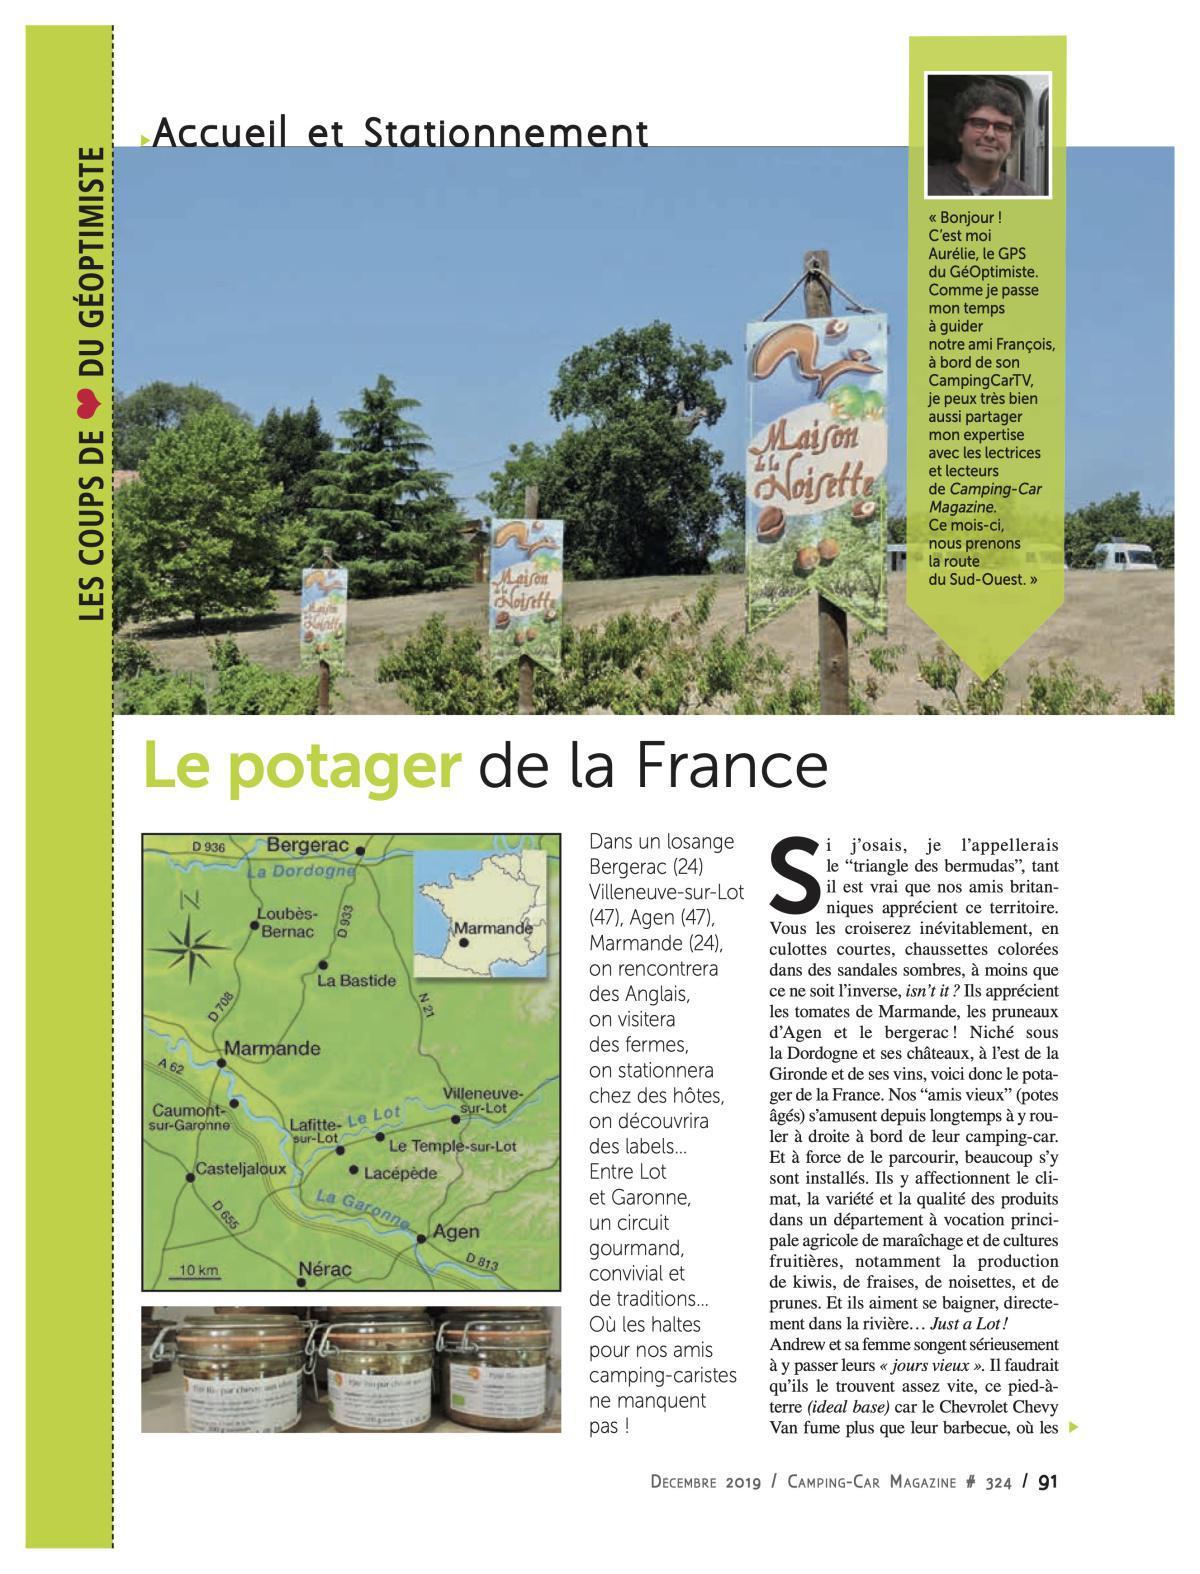 De la Dordogne au Lot - CCM 324